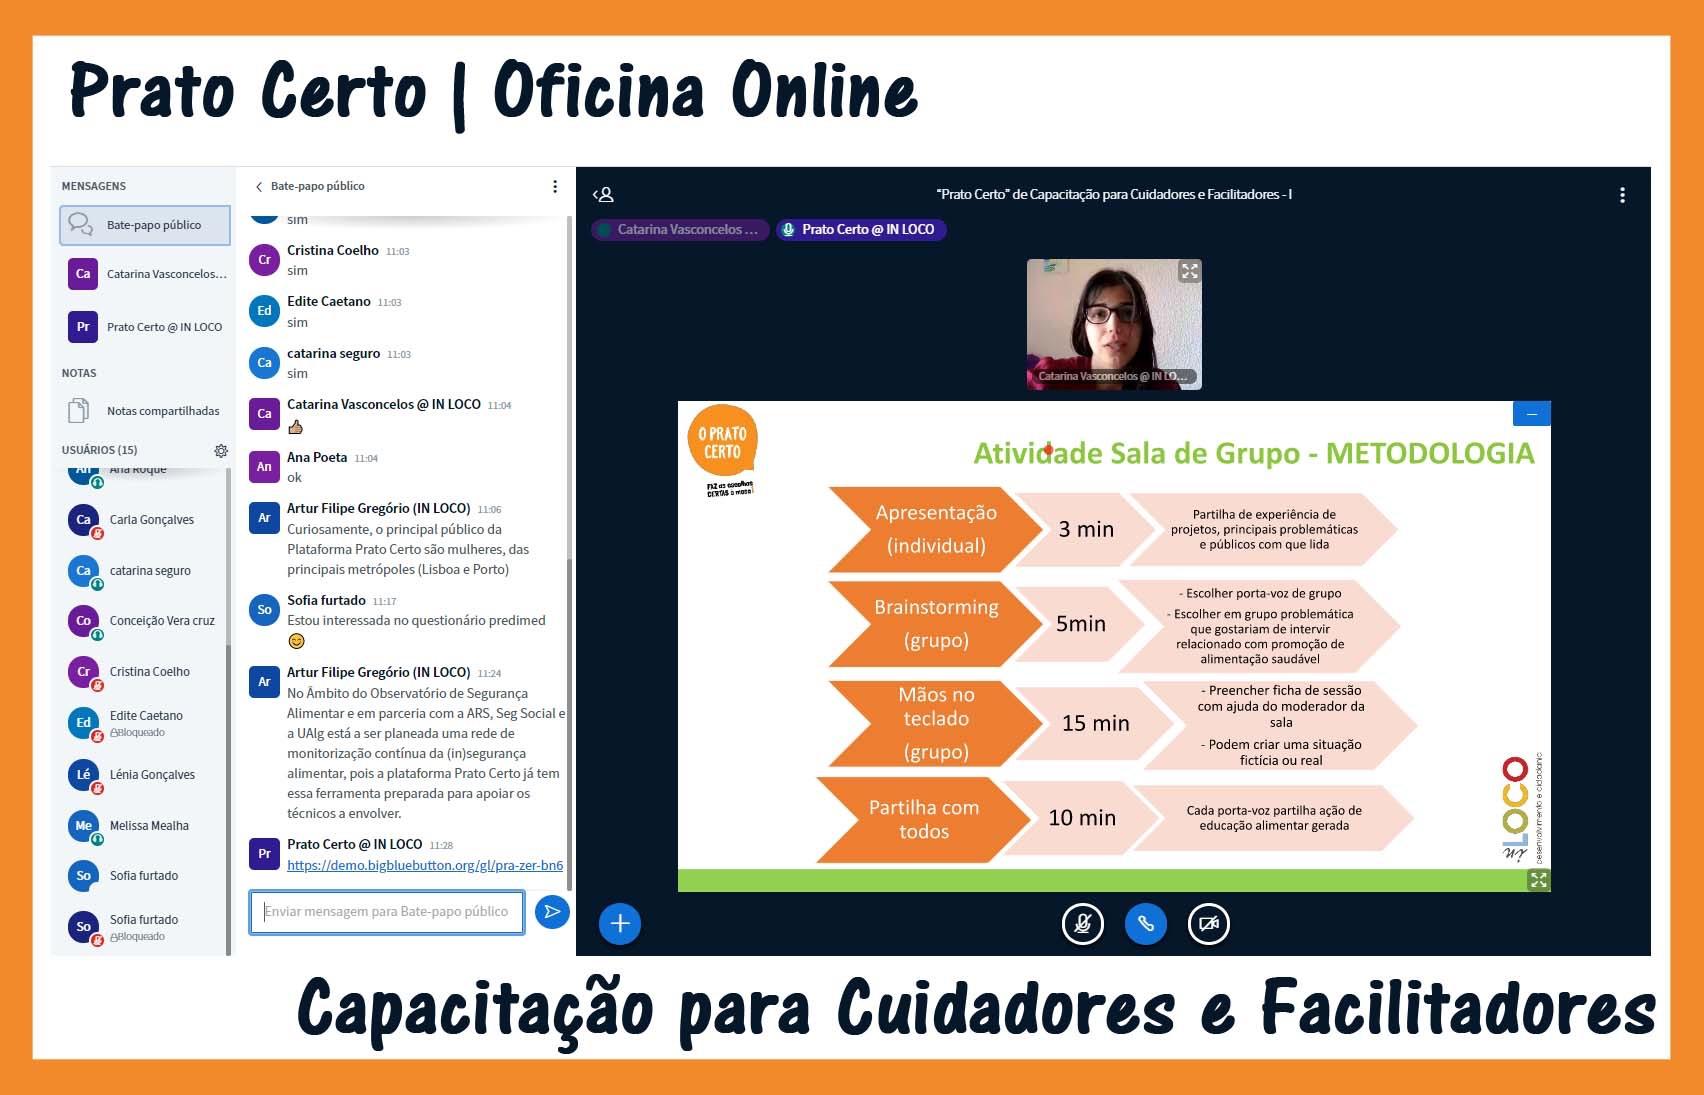 Prato Certo arranca com Oficinas Online para Cuidadores e Facilitadores de grupos vulneráveis